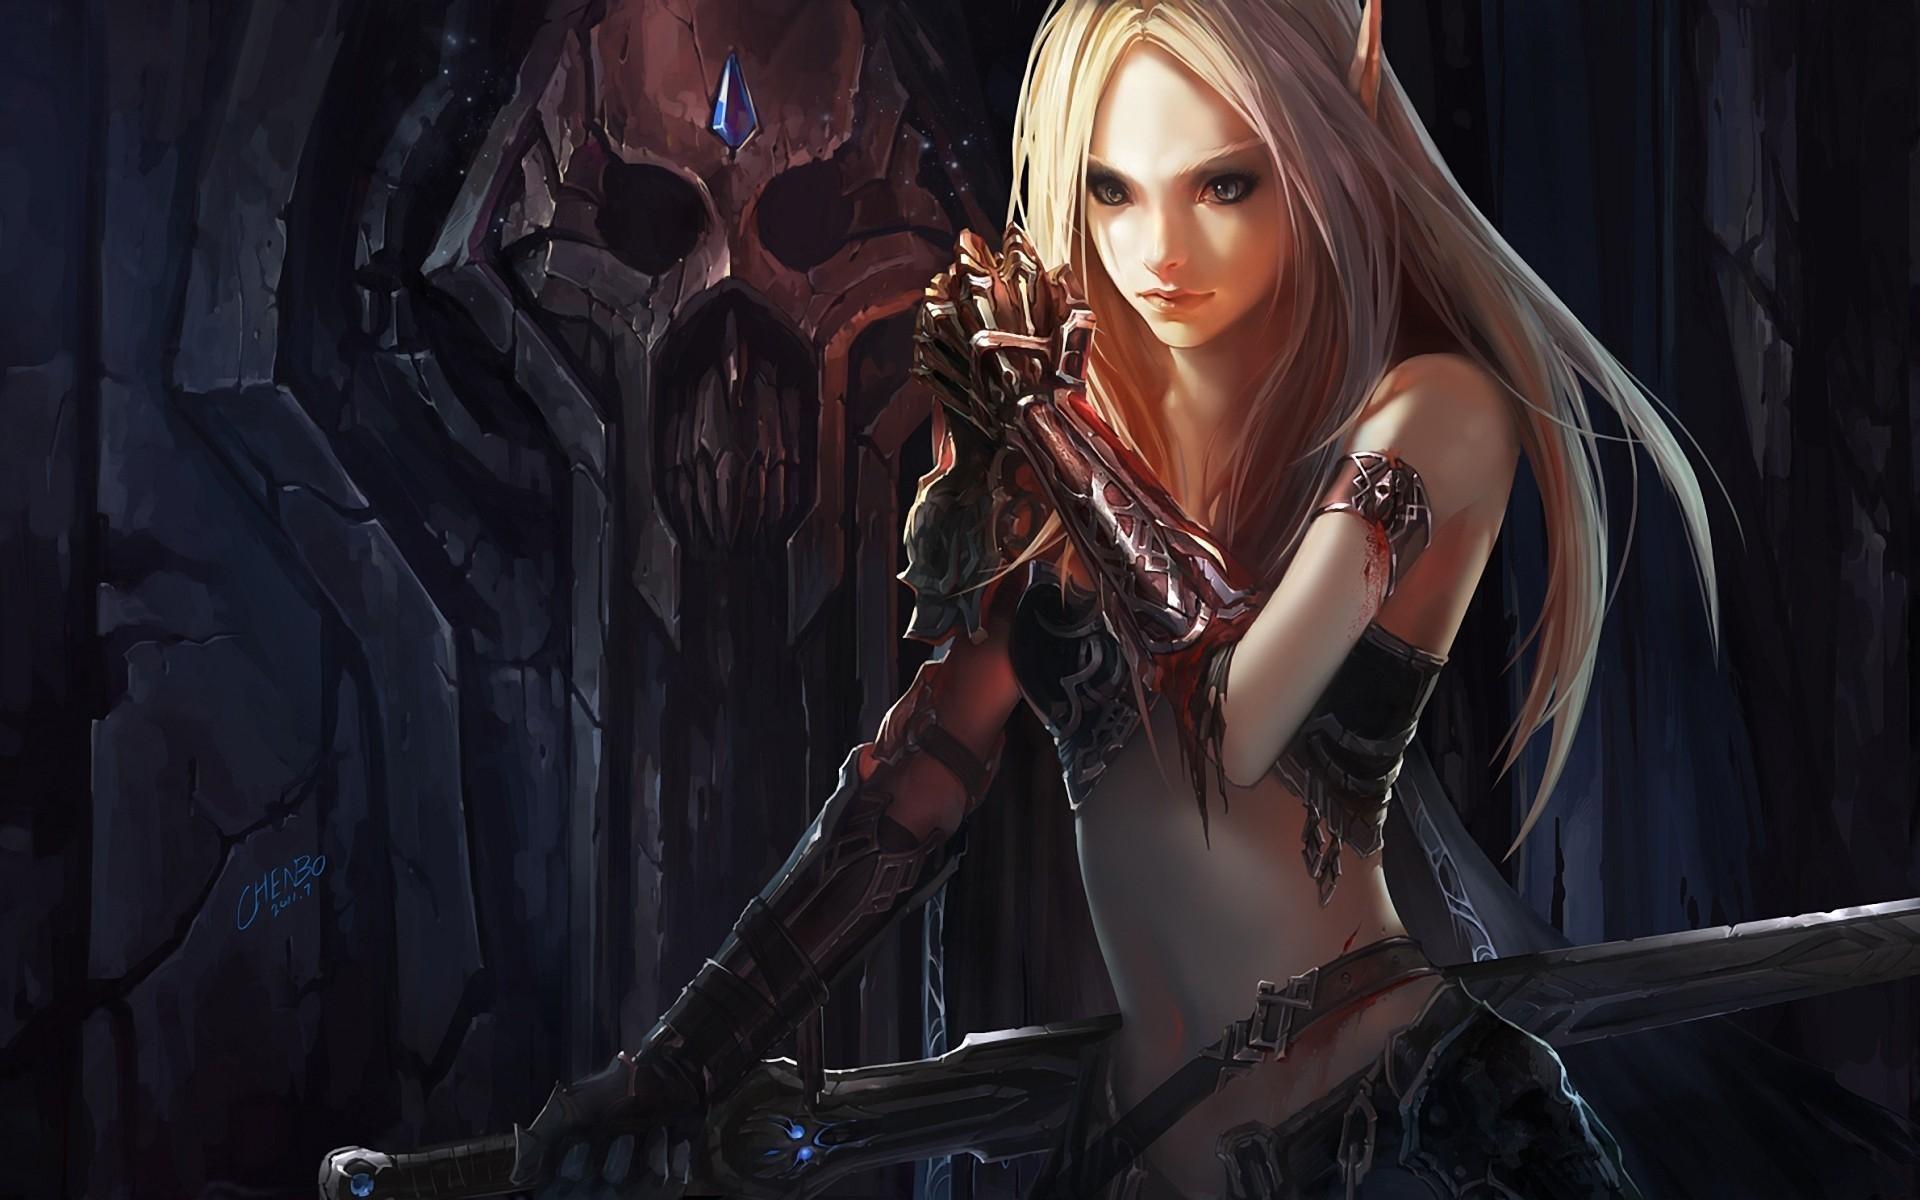 Blood elf cinematic wallpaper sex video